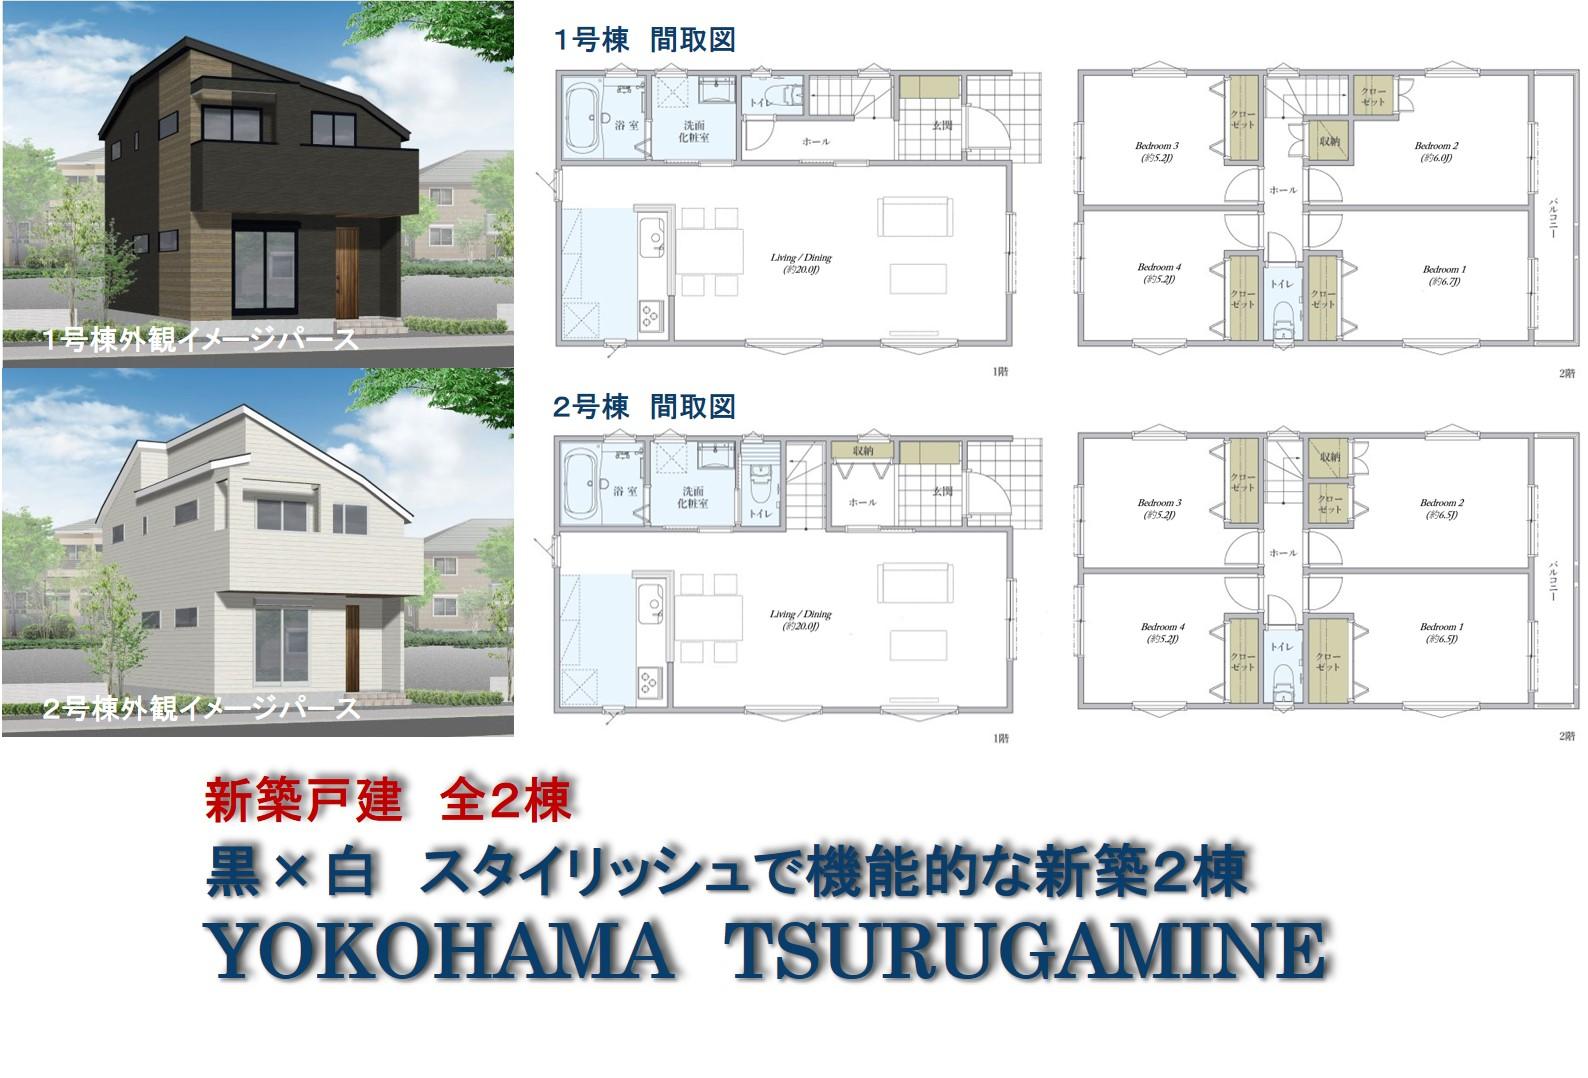 黒×白 スタイリッシュで機能的な新築2棟|YOKOHAMA TSURUGAMINE